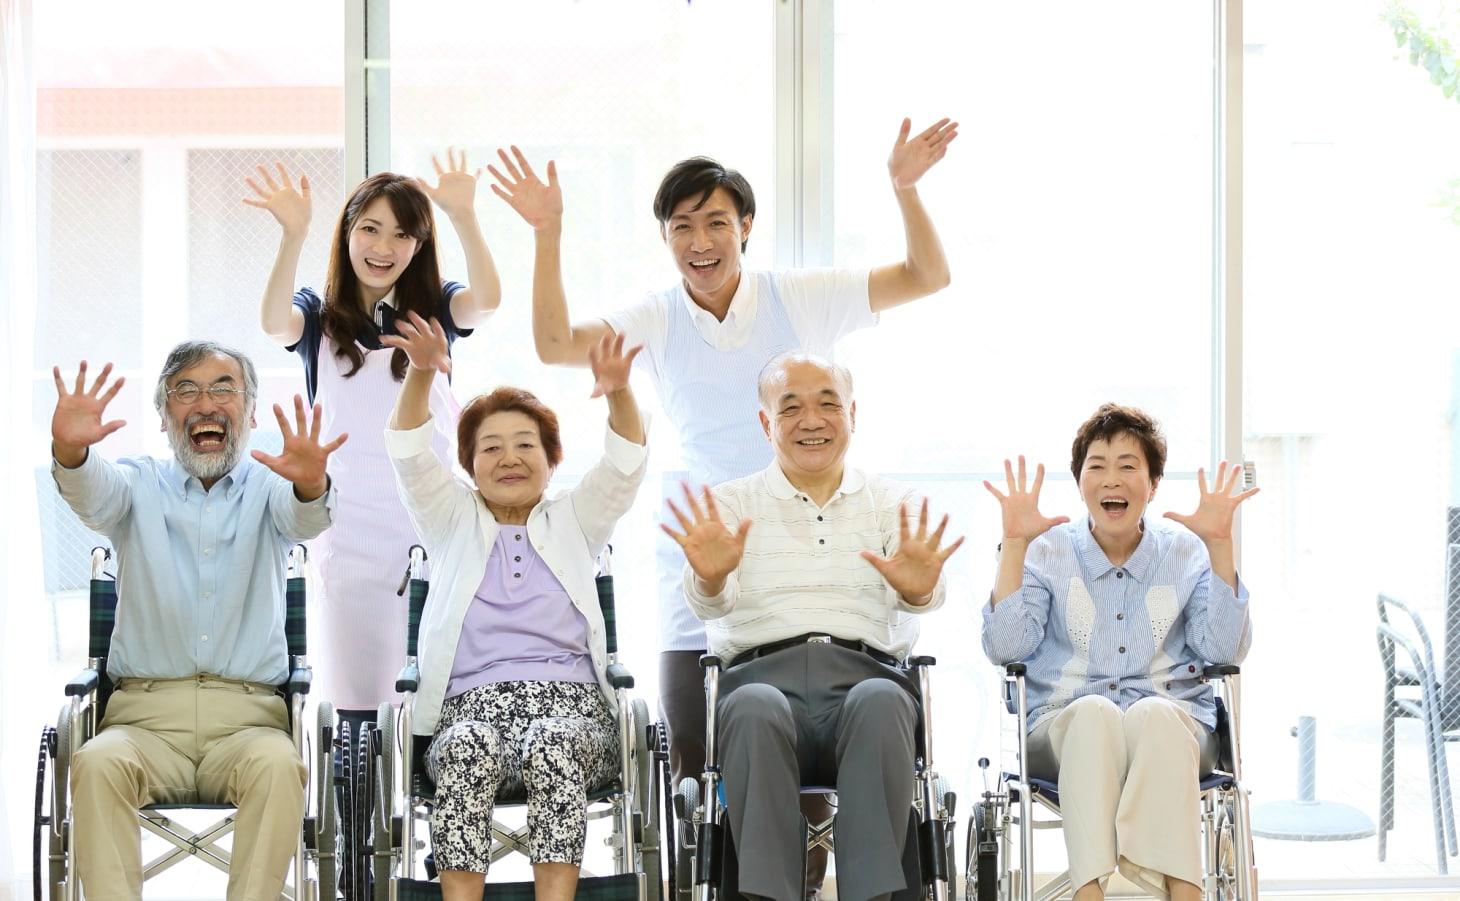 特別養護老人ホームでは、どんな職種・資格の人が働いているの?